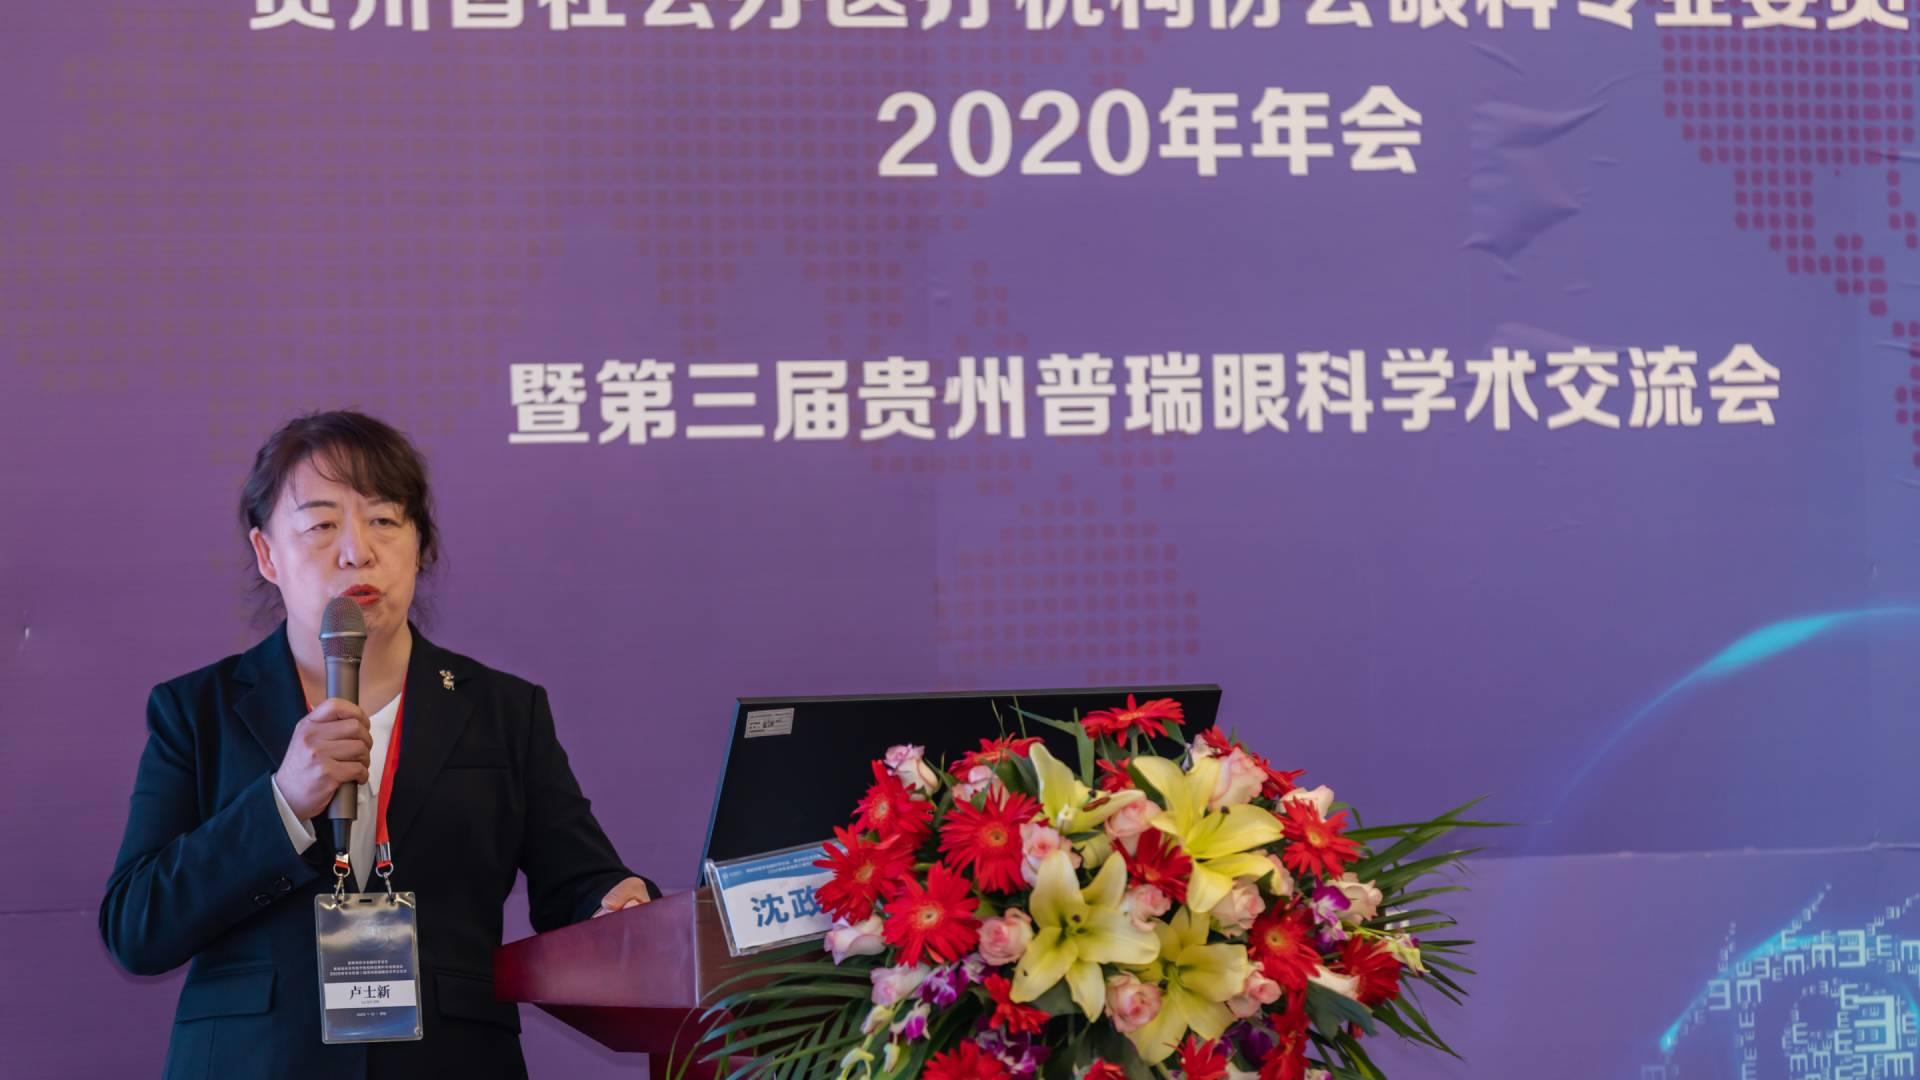 精彩回眸•学术版】2020年贵州普瑞第三届学术交流会总结